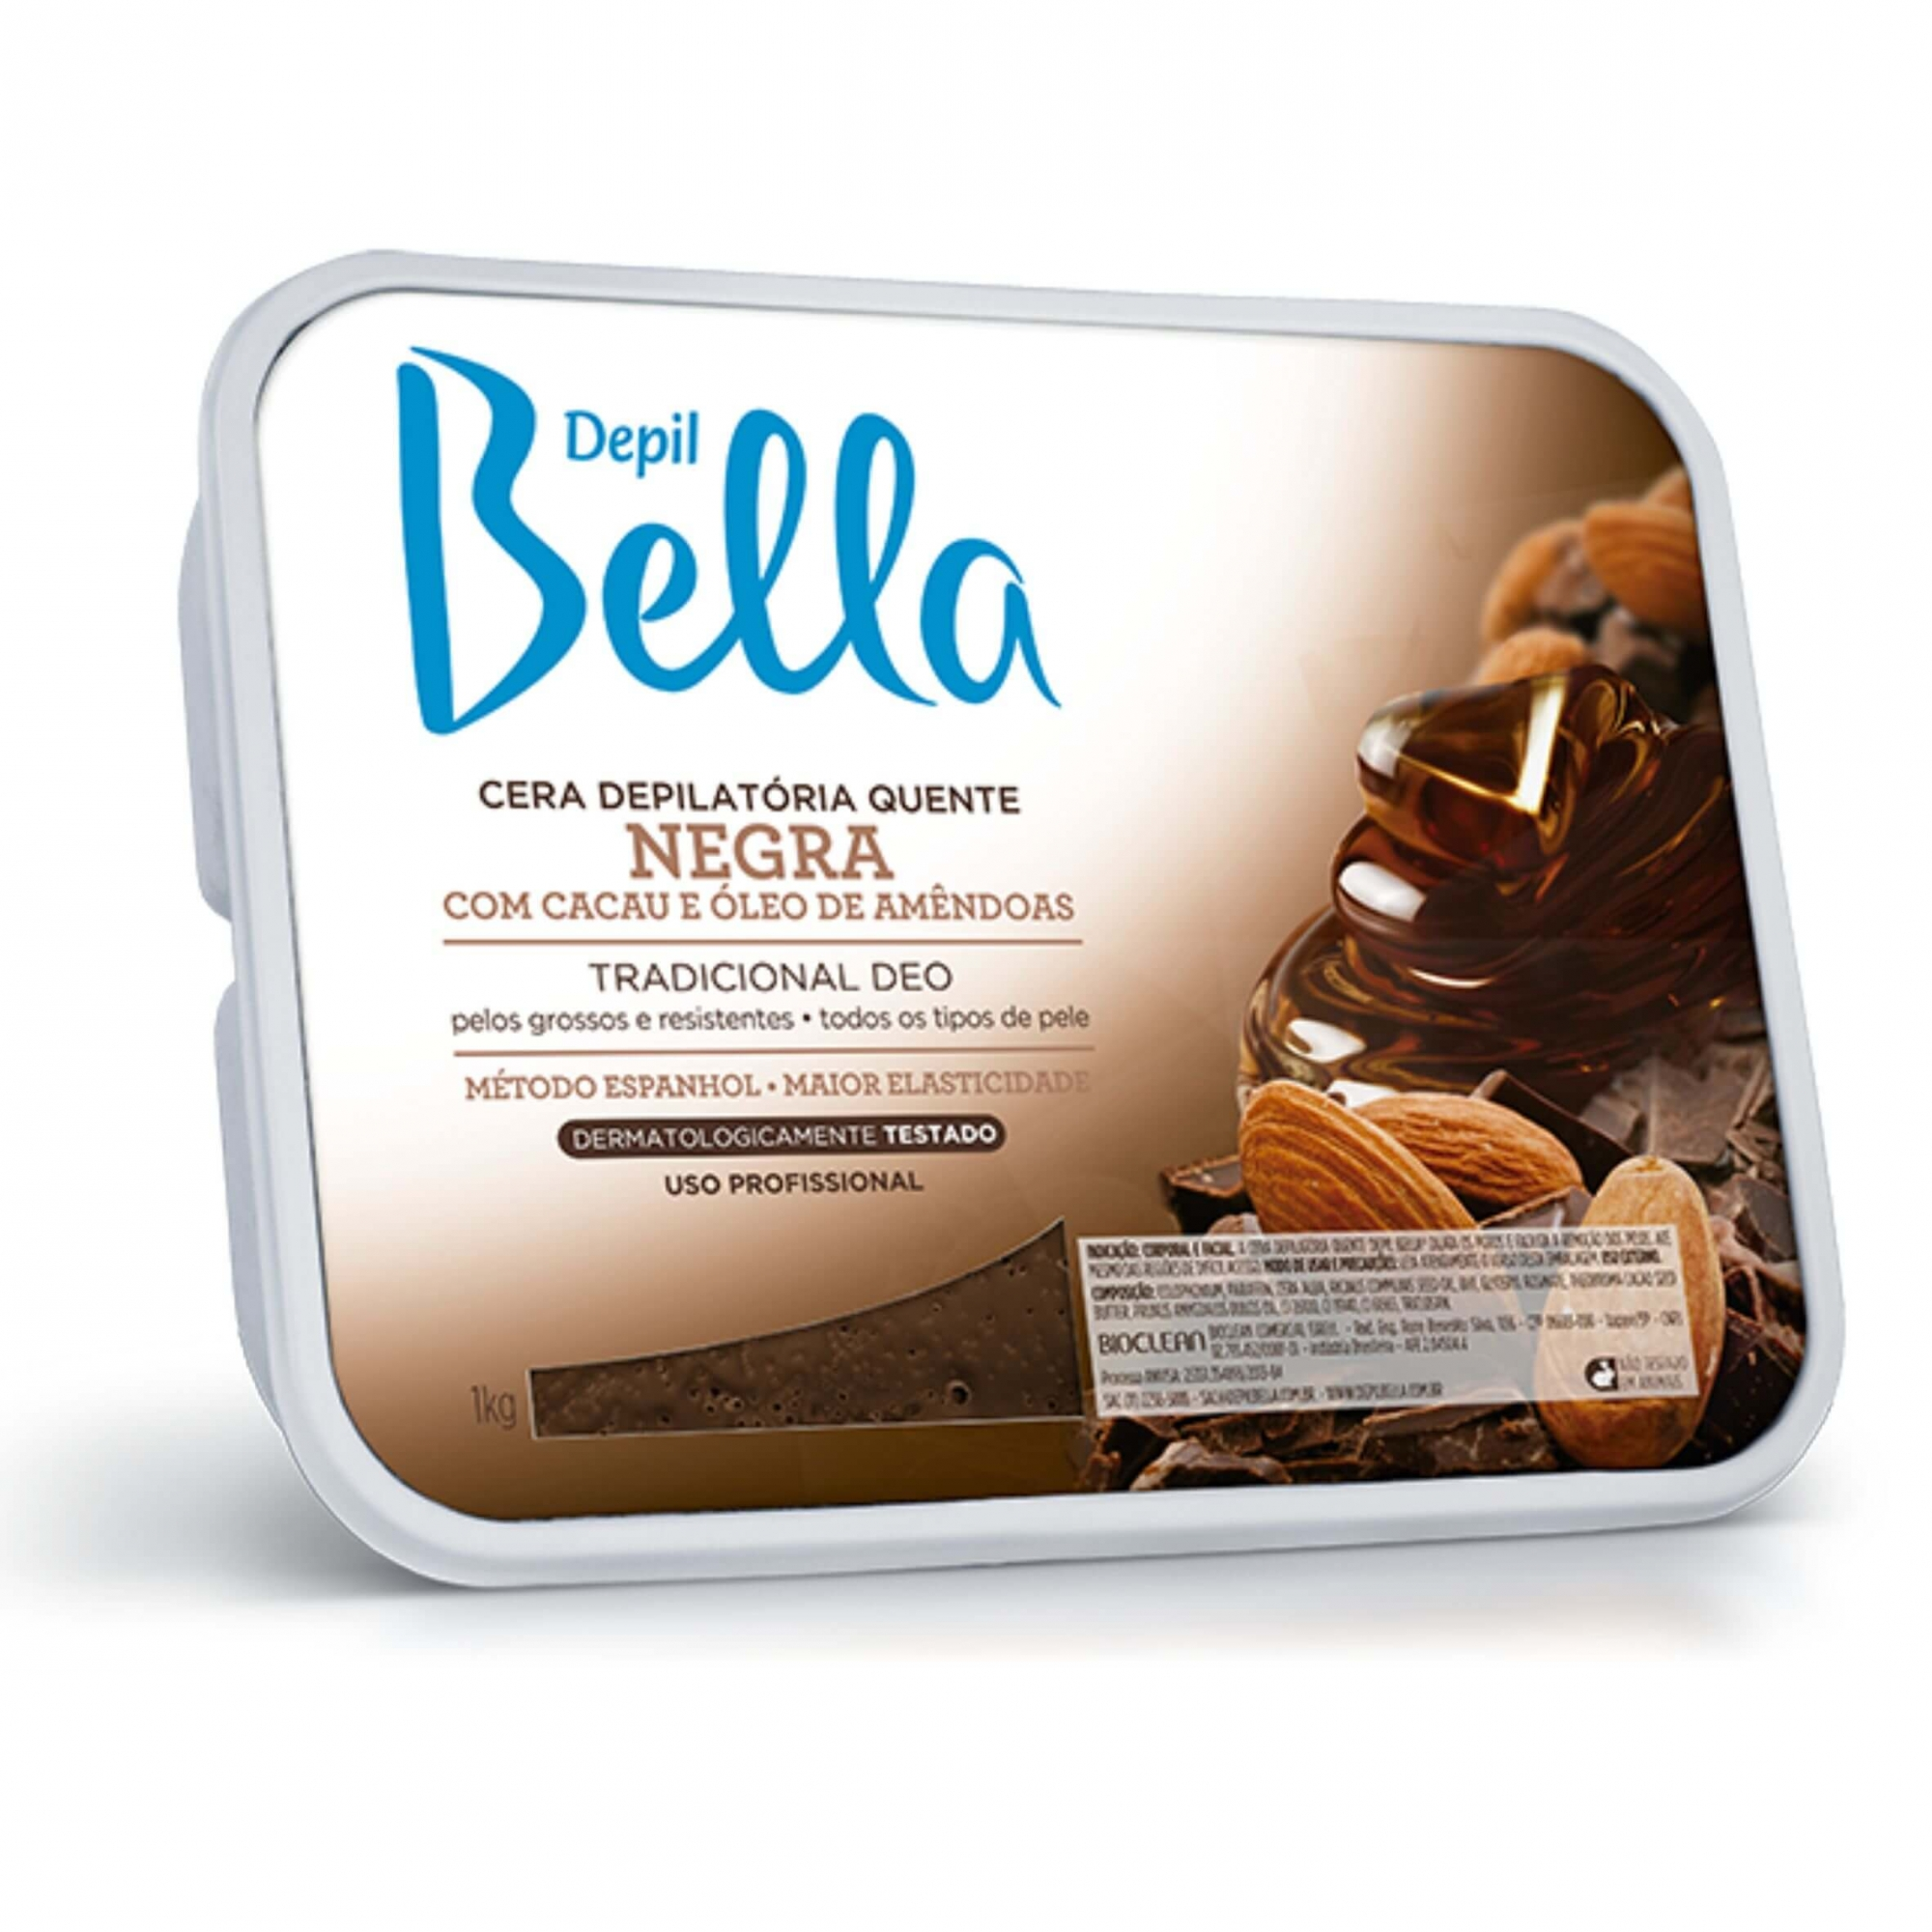 Cera Depilatória Quente Negra com Cacau e Oleo de Amêndoas - Depil Bella 1kg